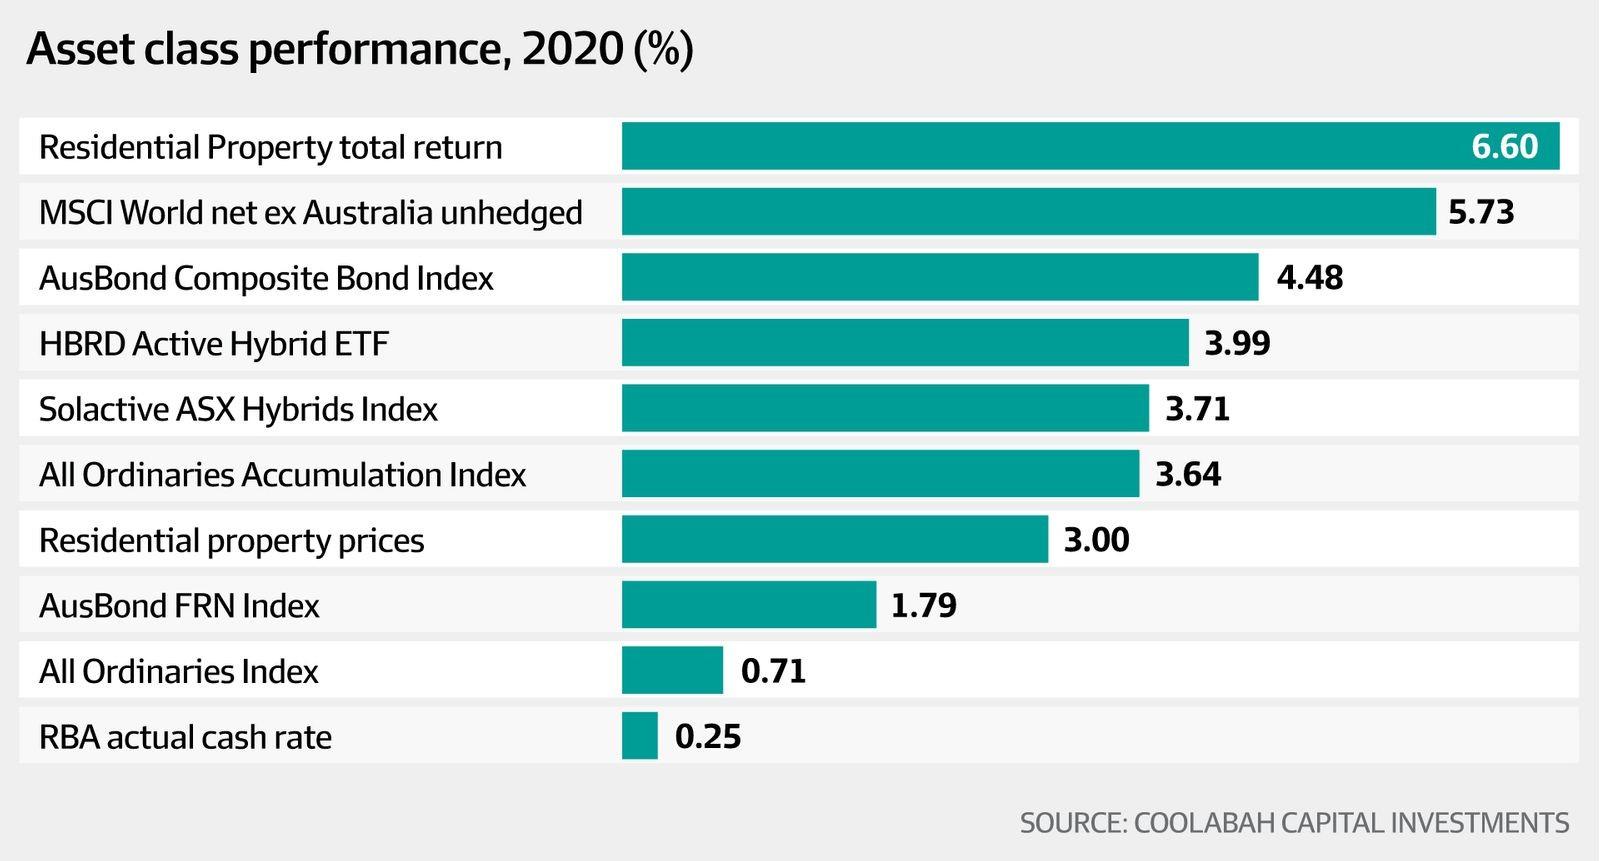 Asset class performance 2020